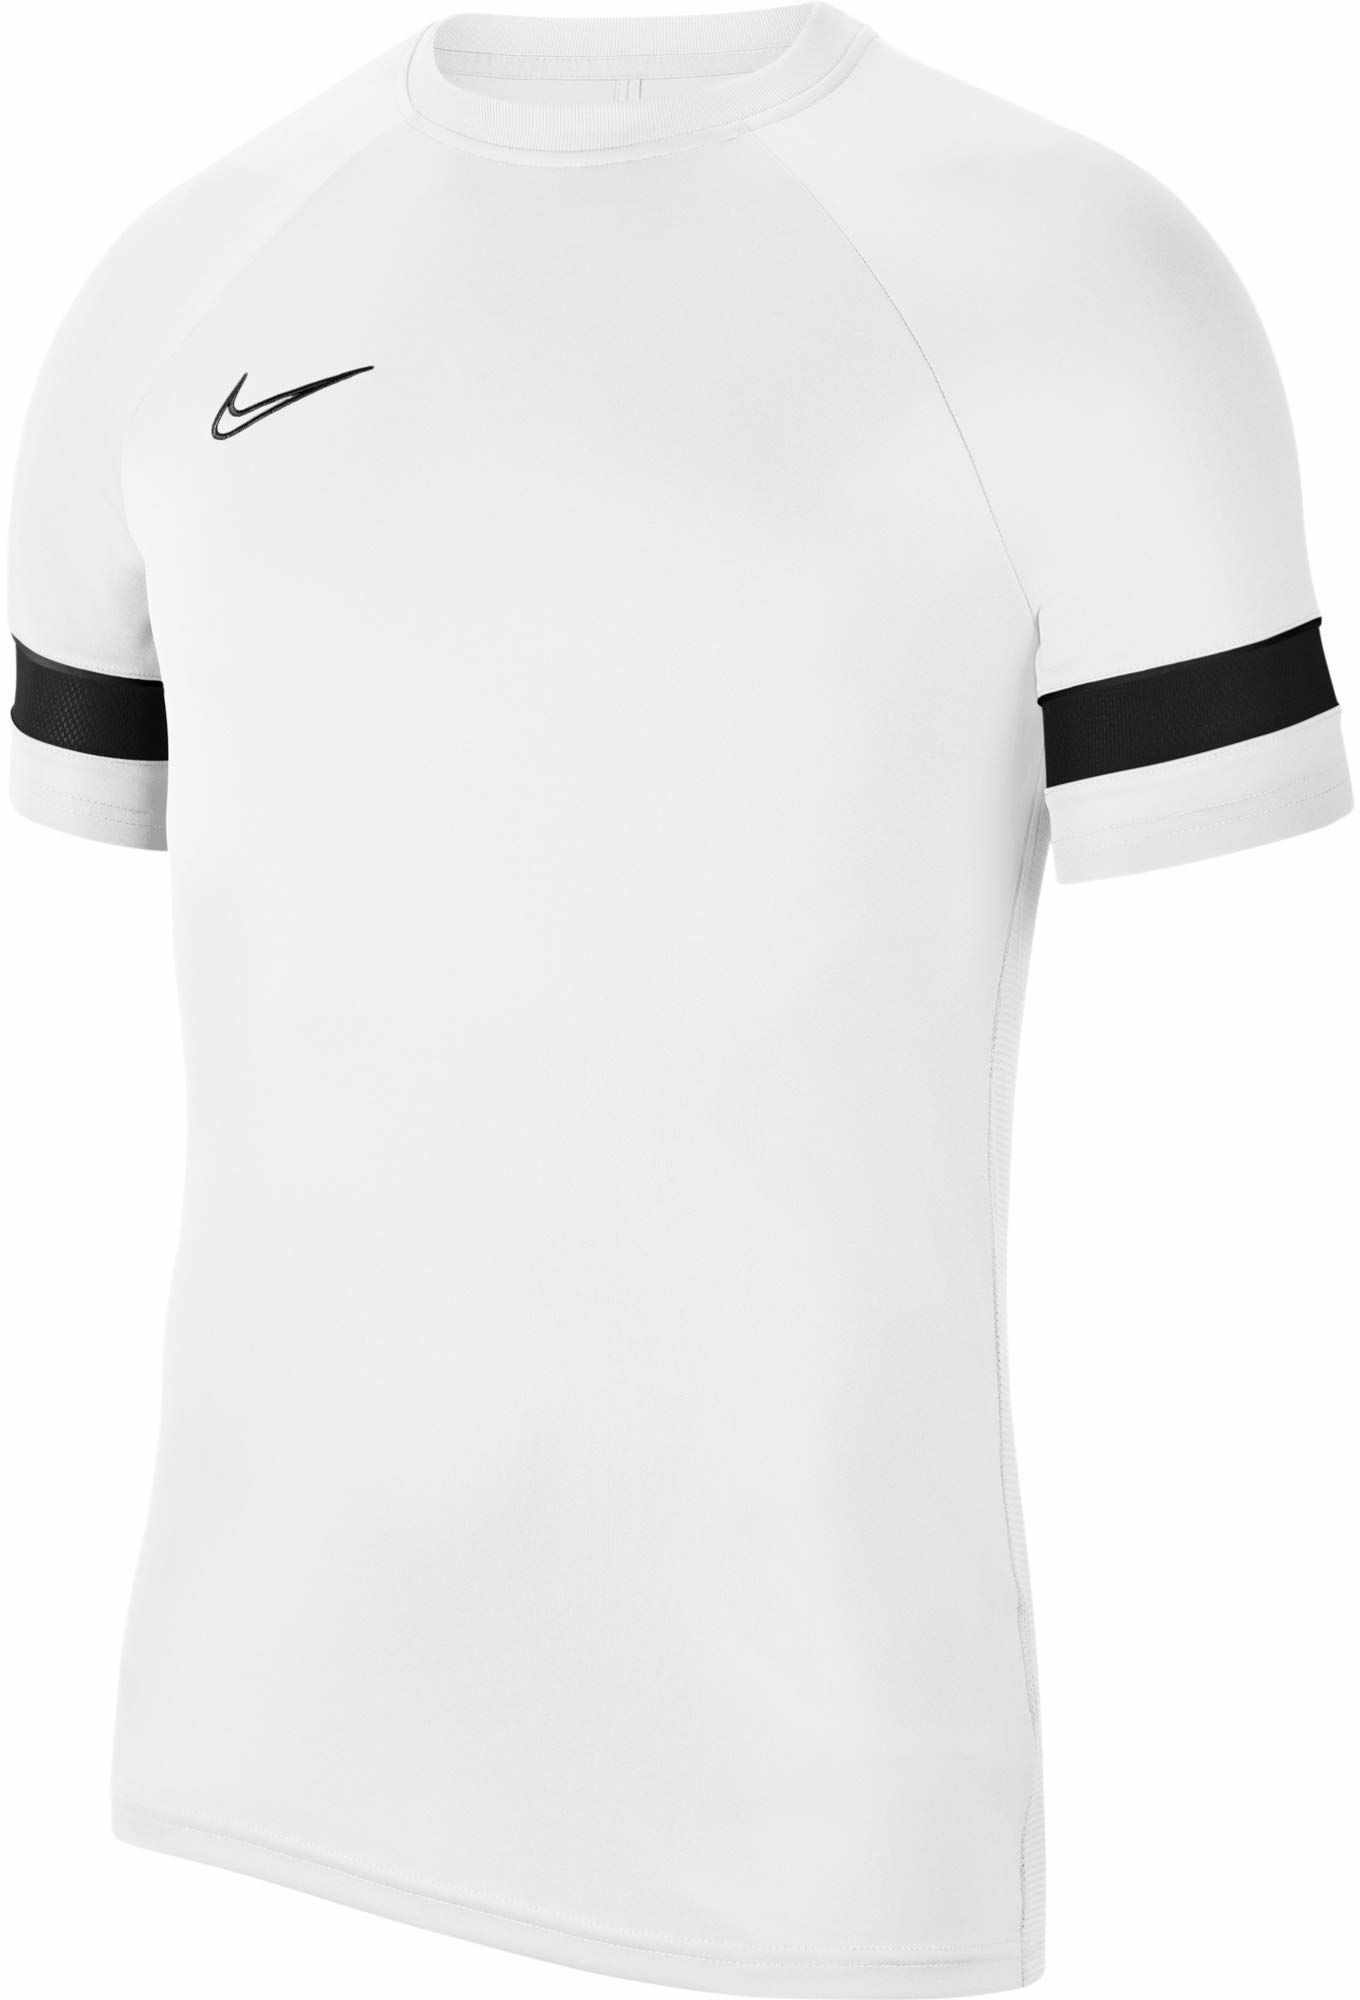 Nike Dri-Fit Academy 21, męska koszulka z krótkim rękawem, biała/czarno-czarna, 2XL